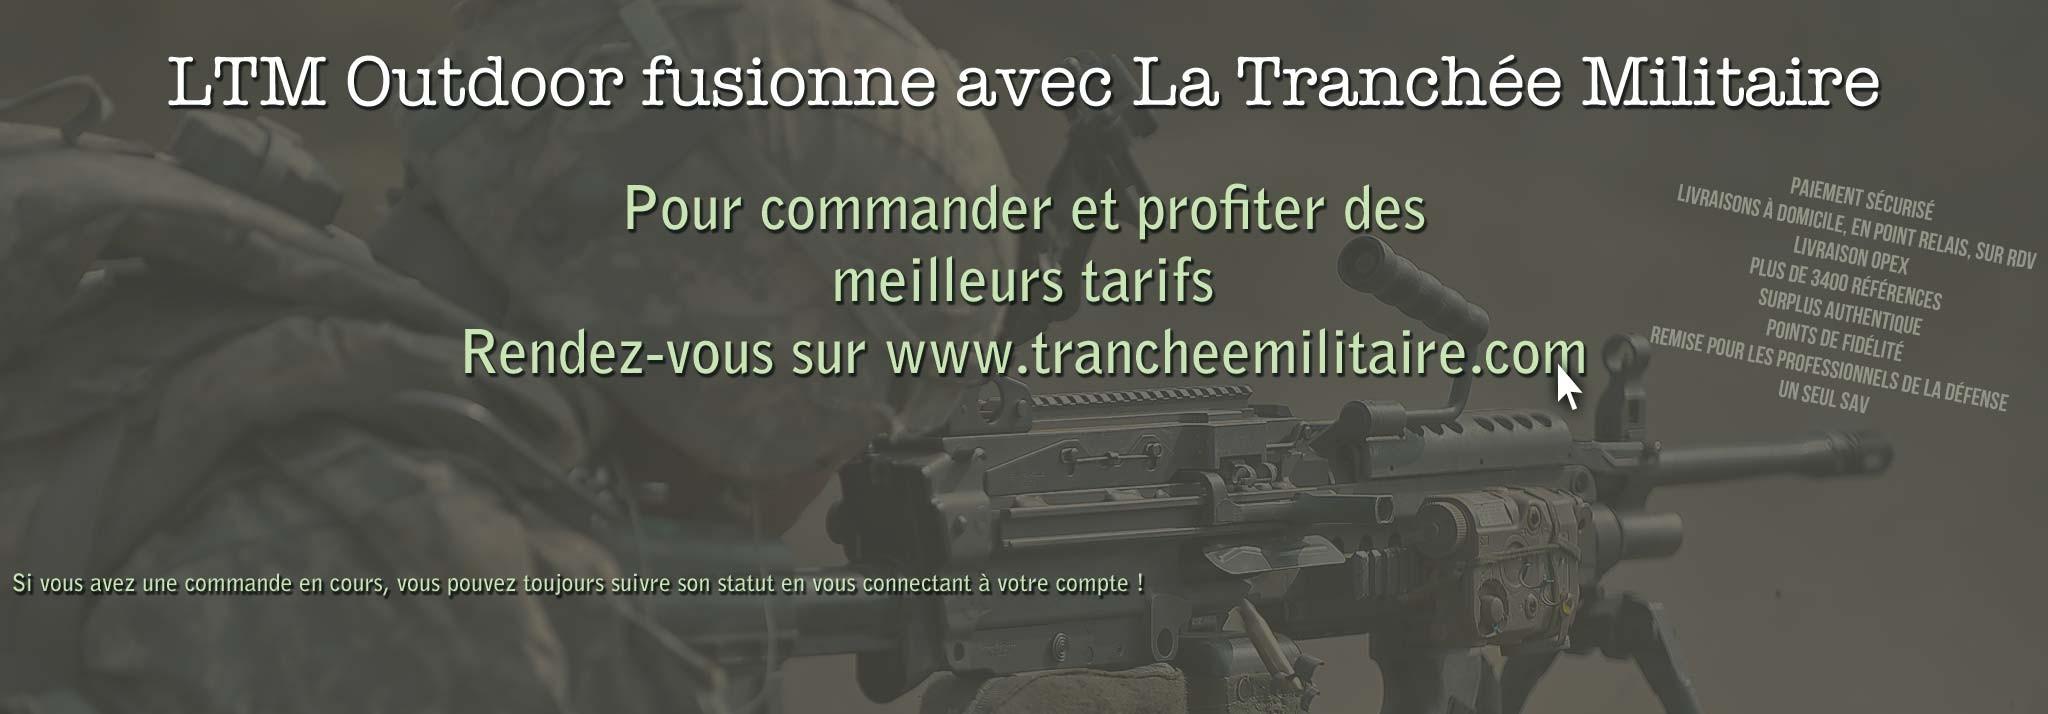 RDV sur trancheemilitaire.com